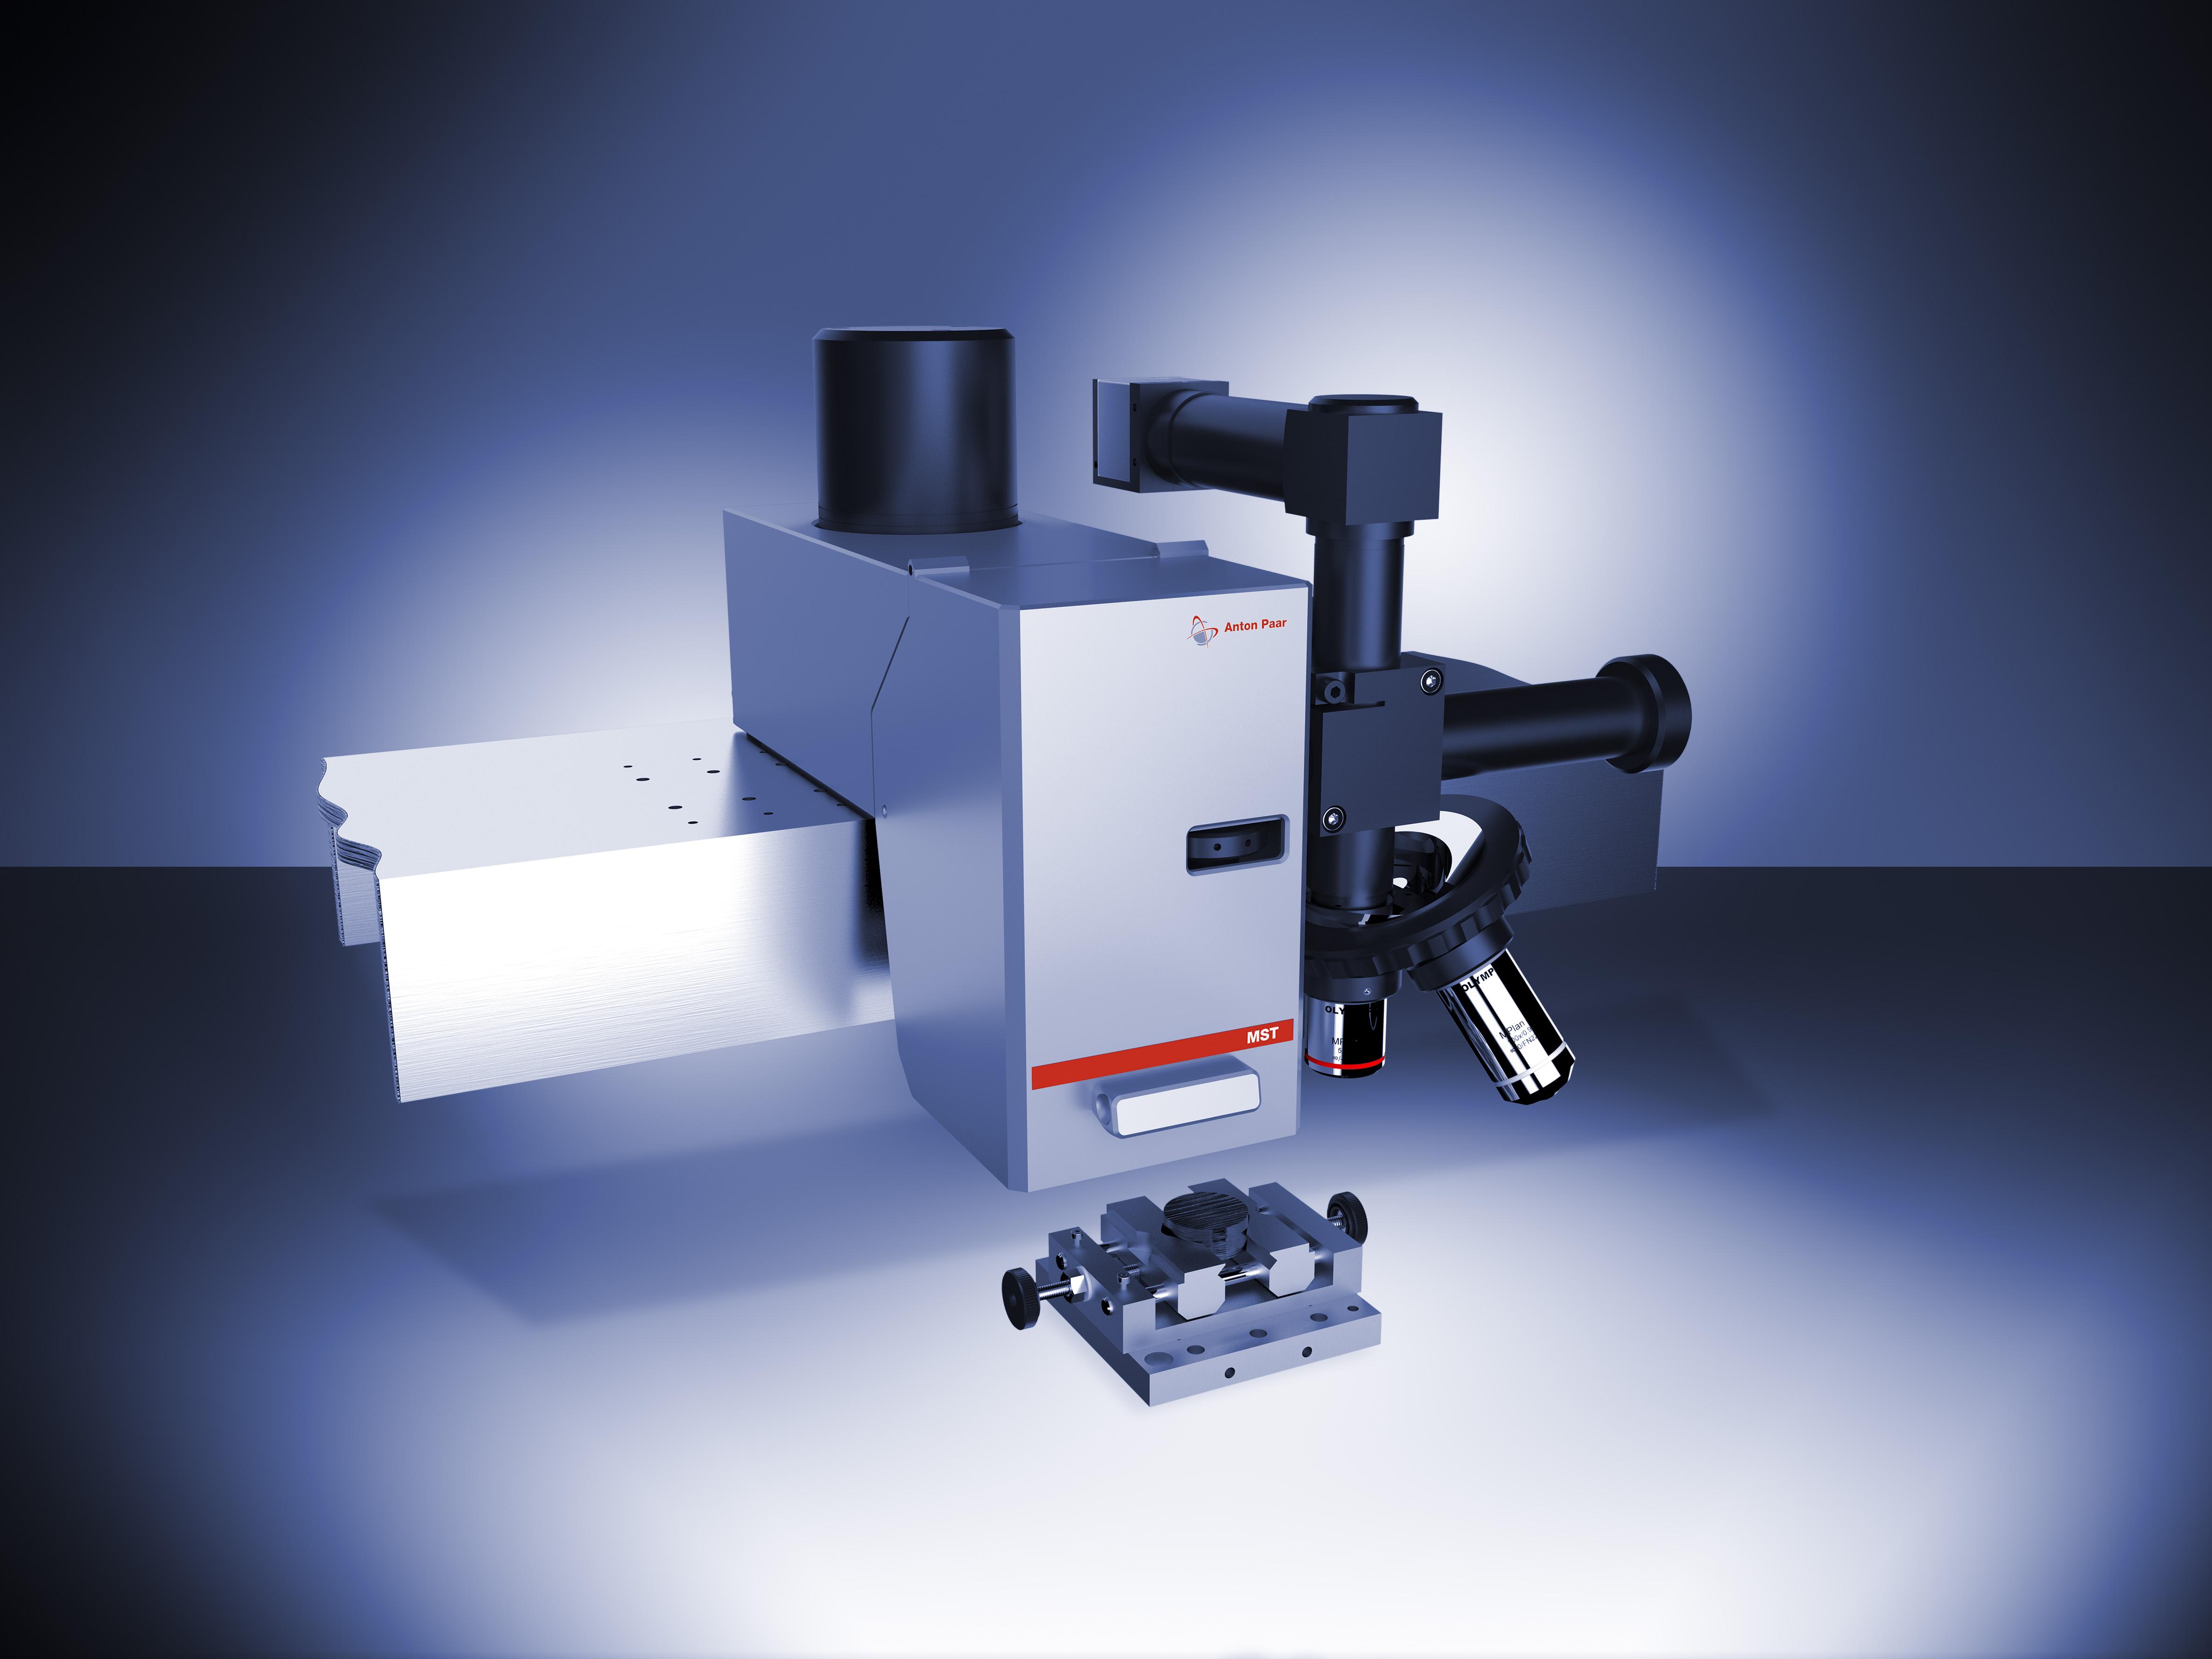 Рис. 2: Модуль Микро Скретч Тестера на балке Платформы с Видеомикроскопом